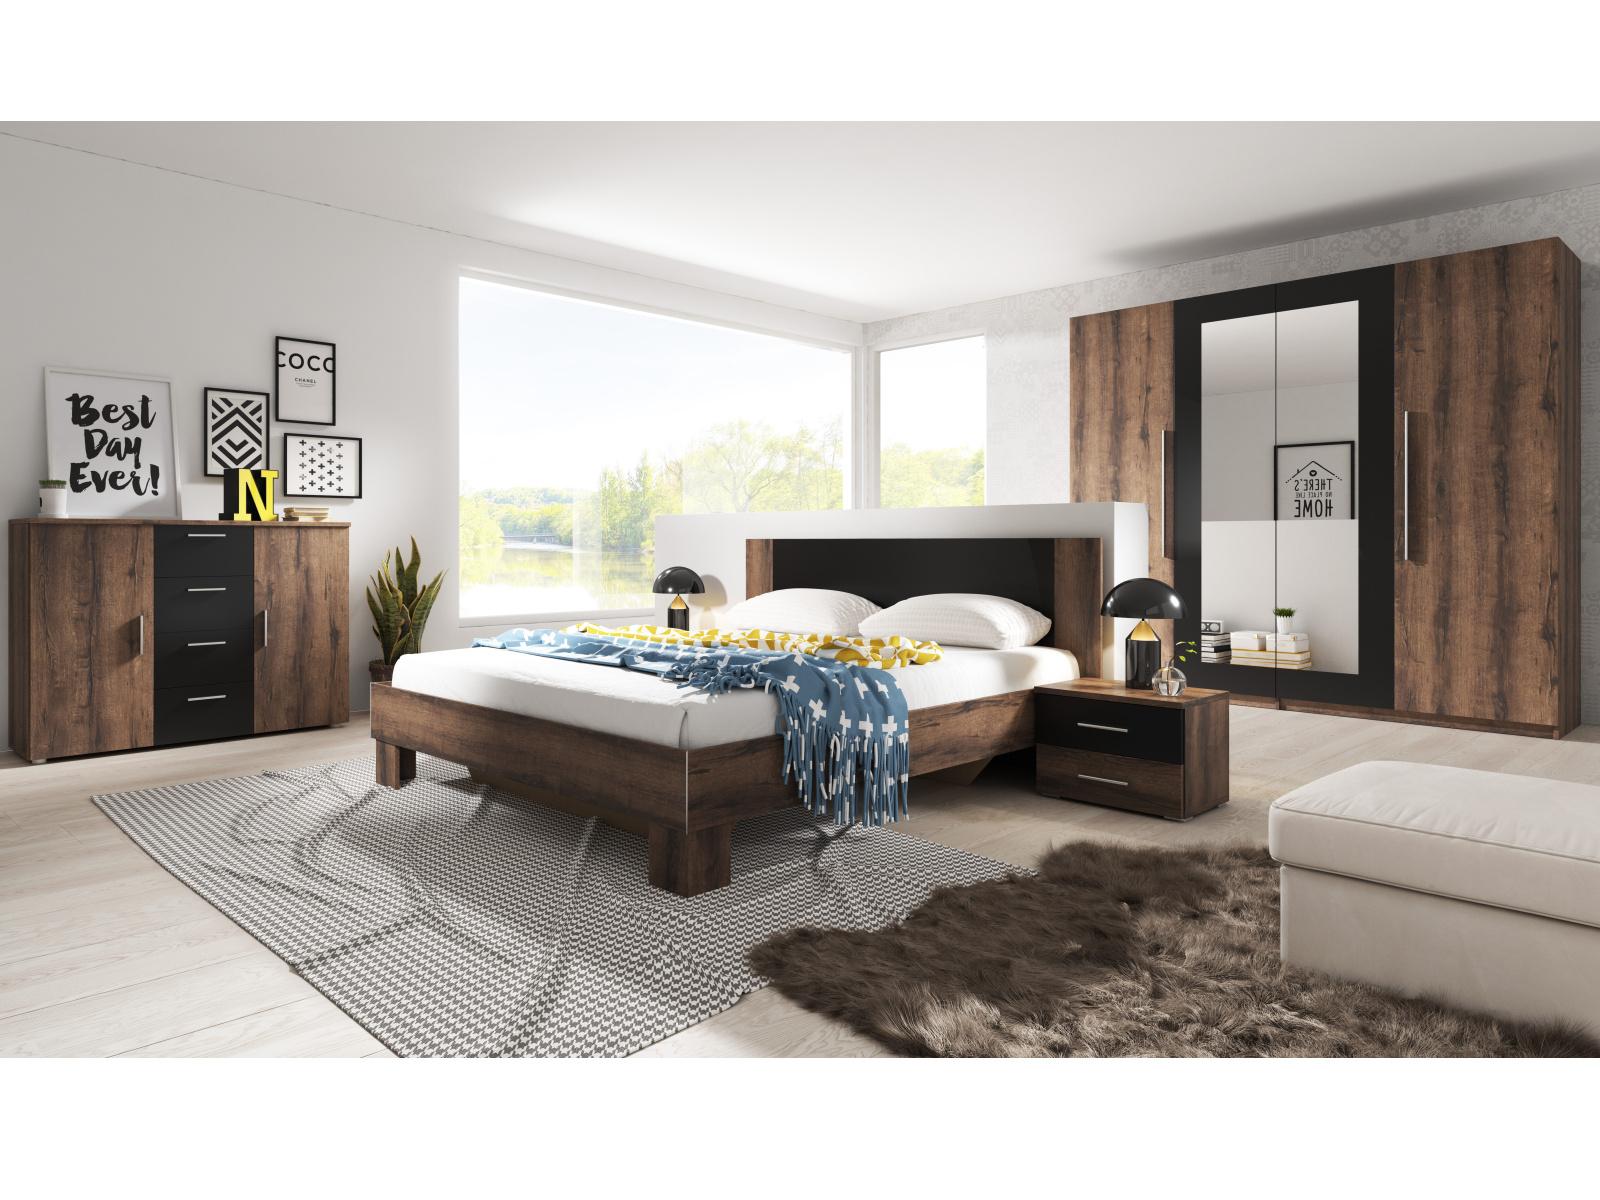 WILDER ložnice s postelí 180x200 cm, dub monastery/černá